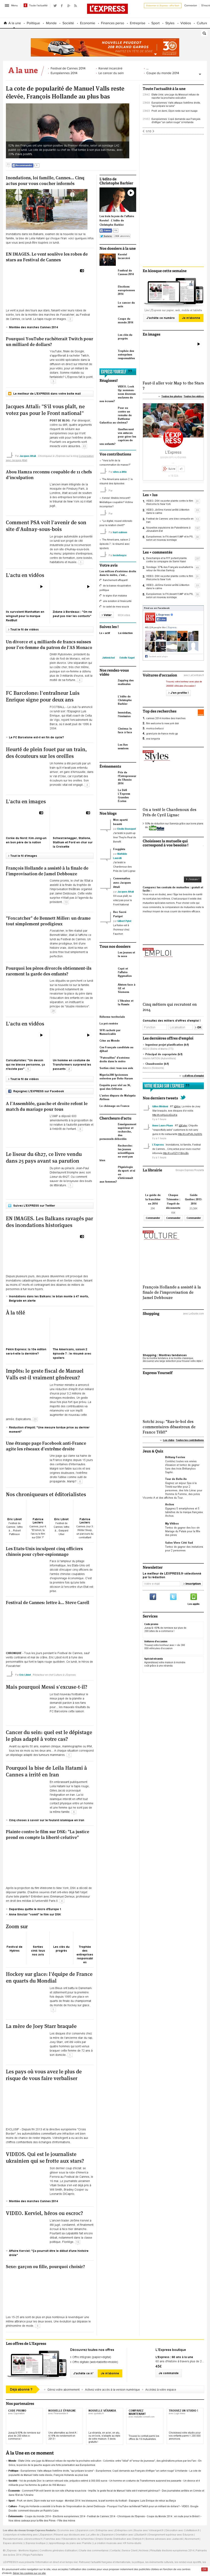 L'Express at Tuesday May 20, 2014, 12:12 a.m. UTC